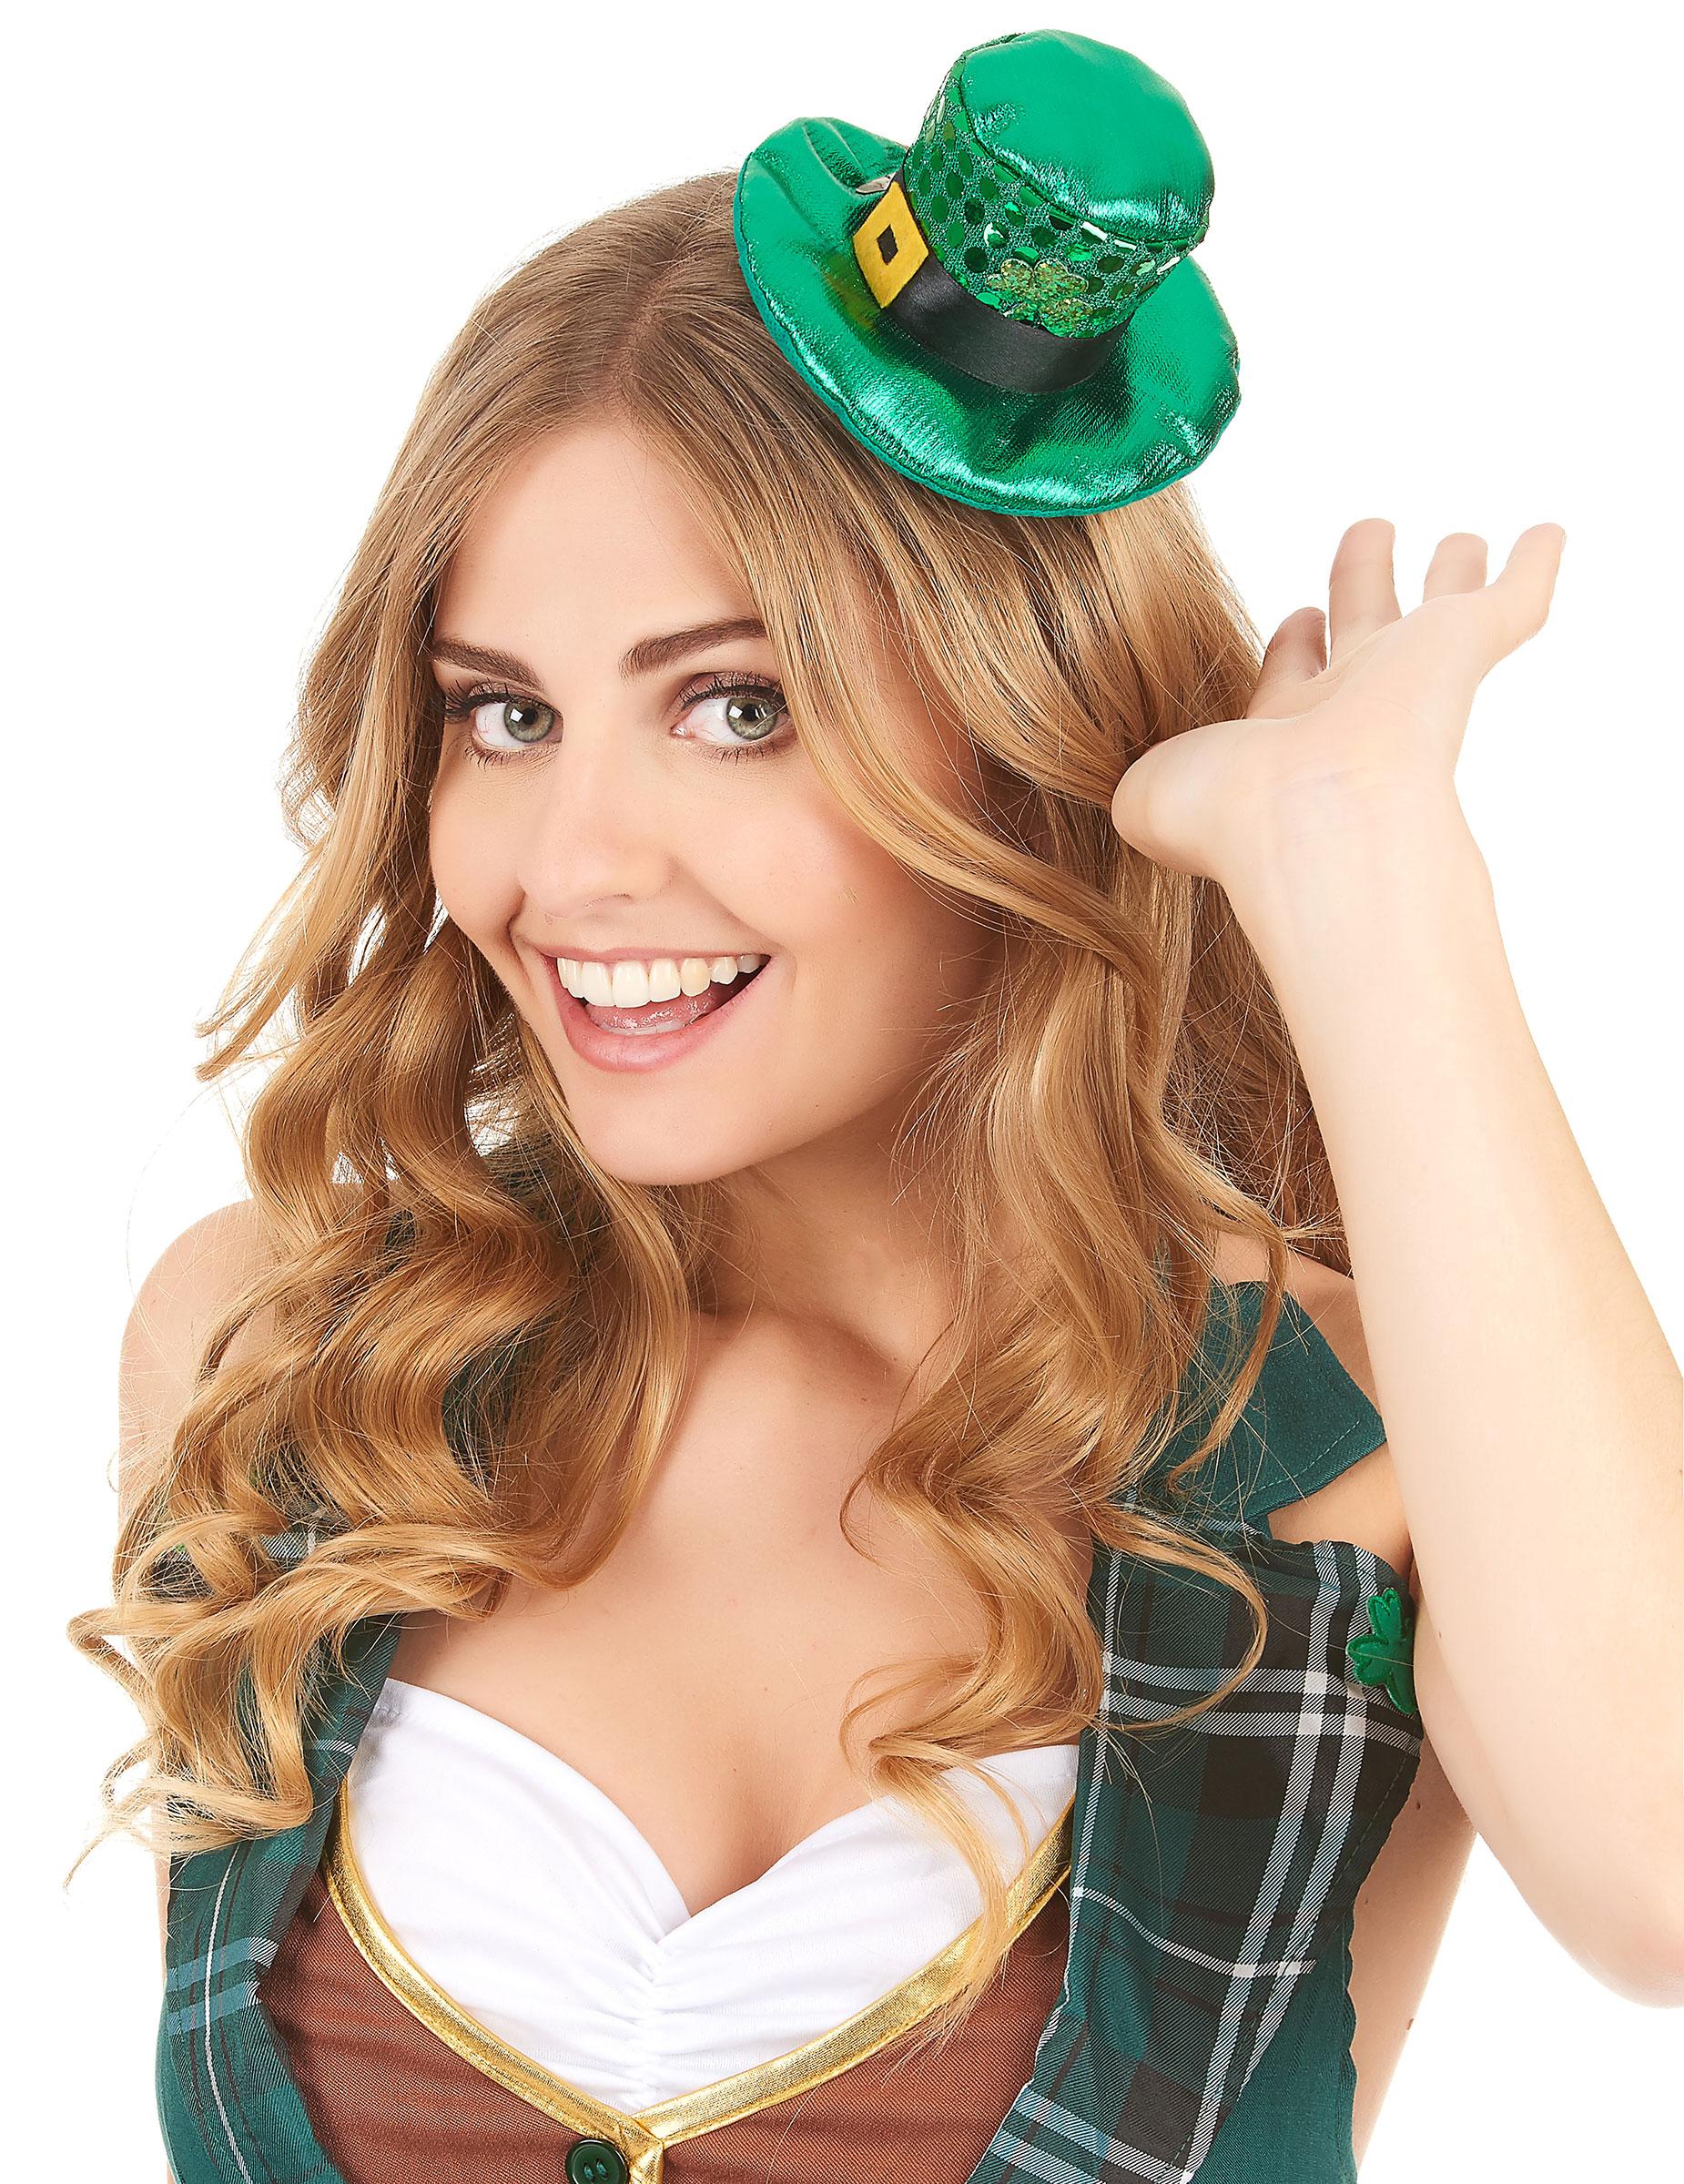 Mini cappello verde con paillettes San Patrizio per adulto su ... 0e8b9b39cf2a